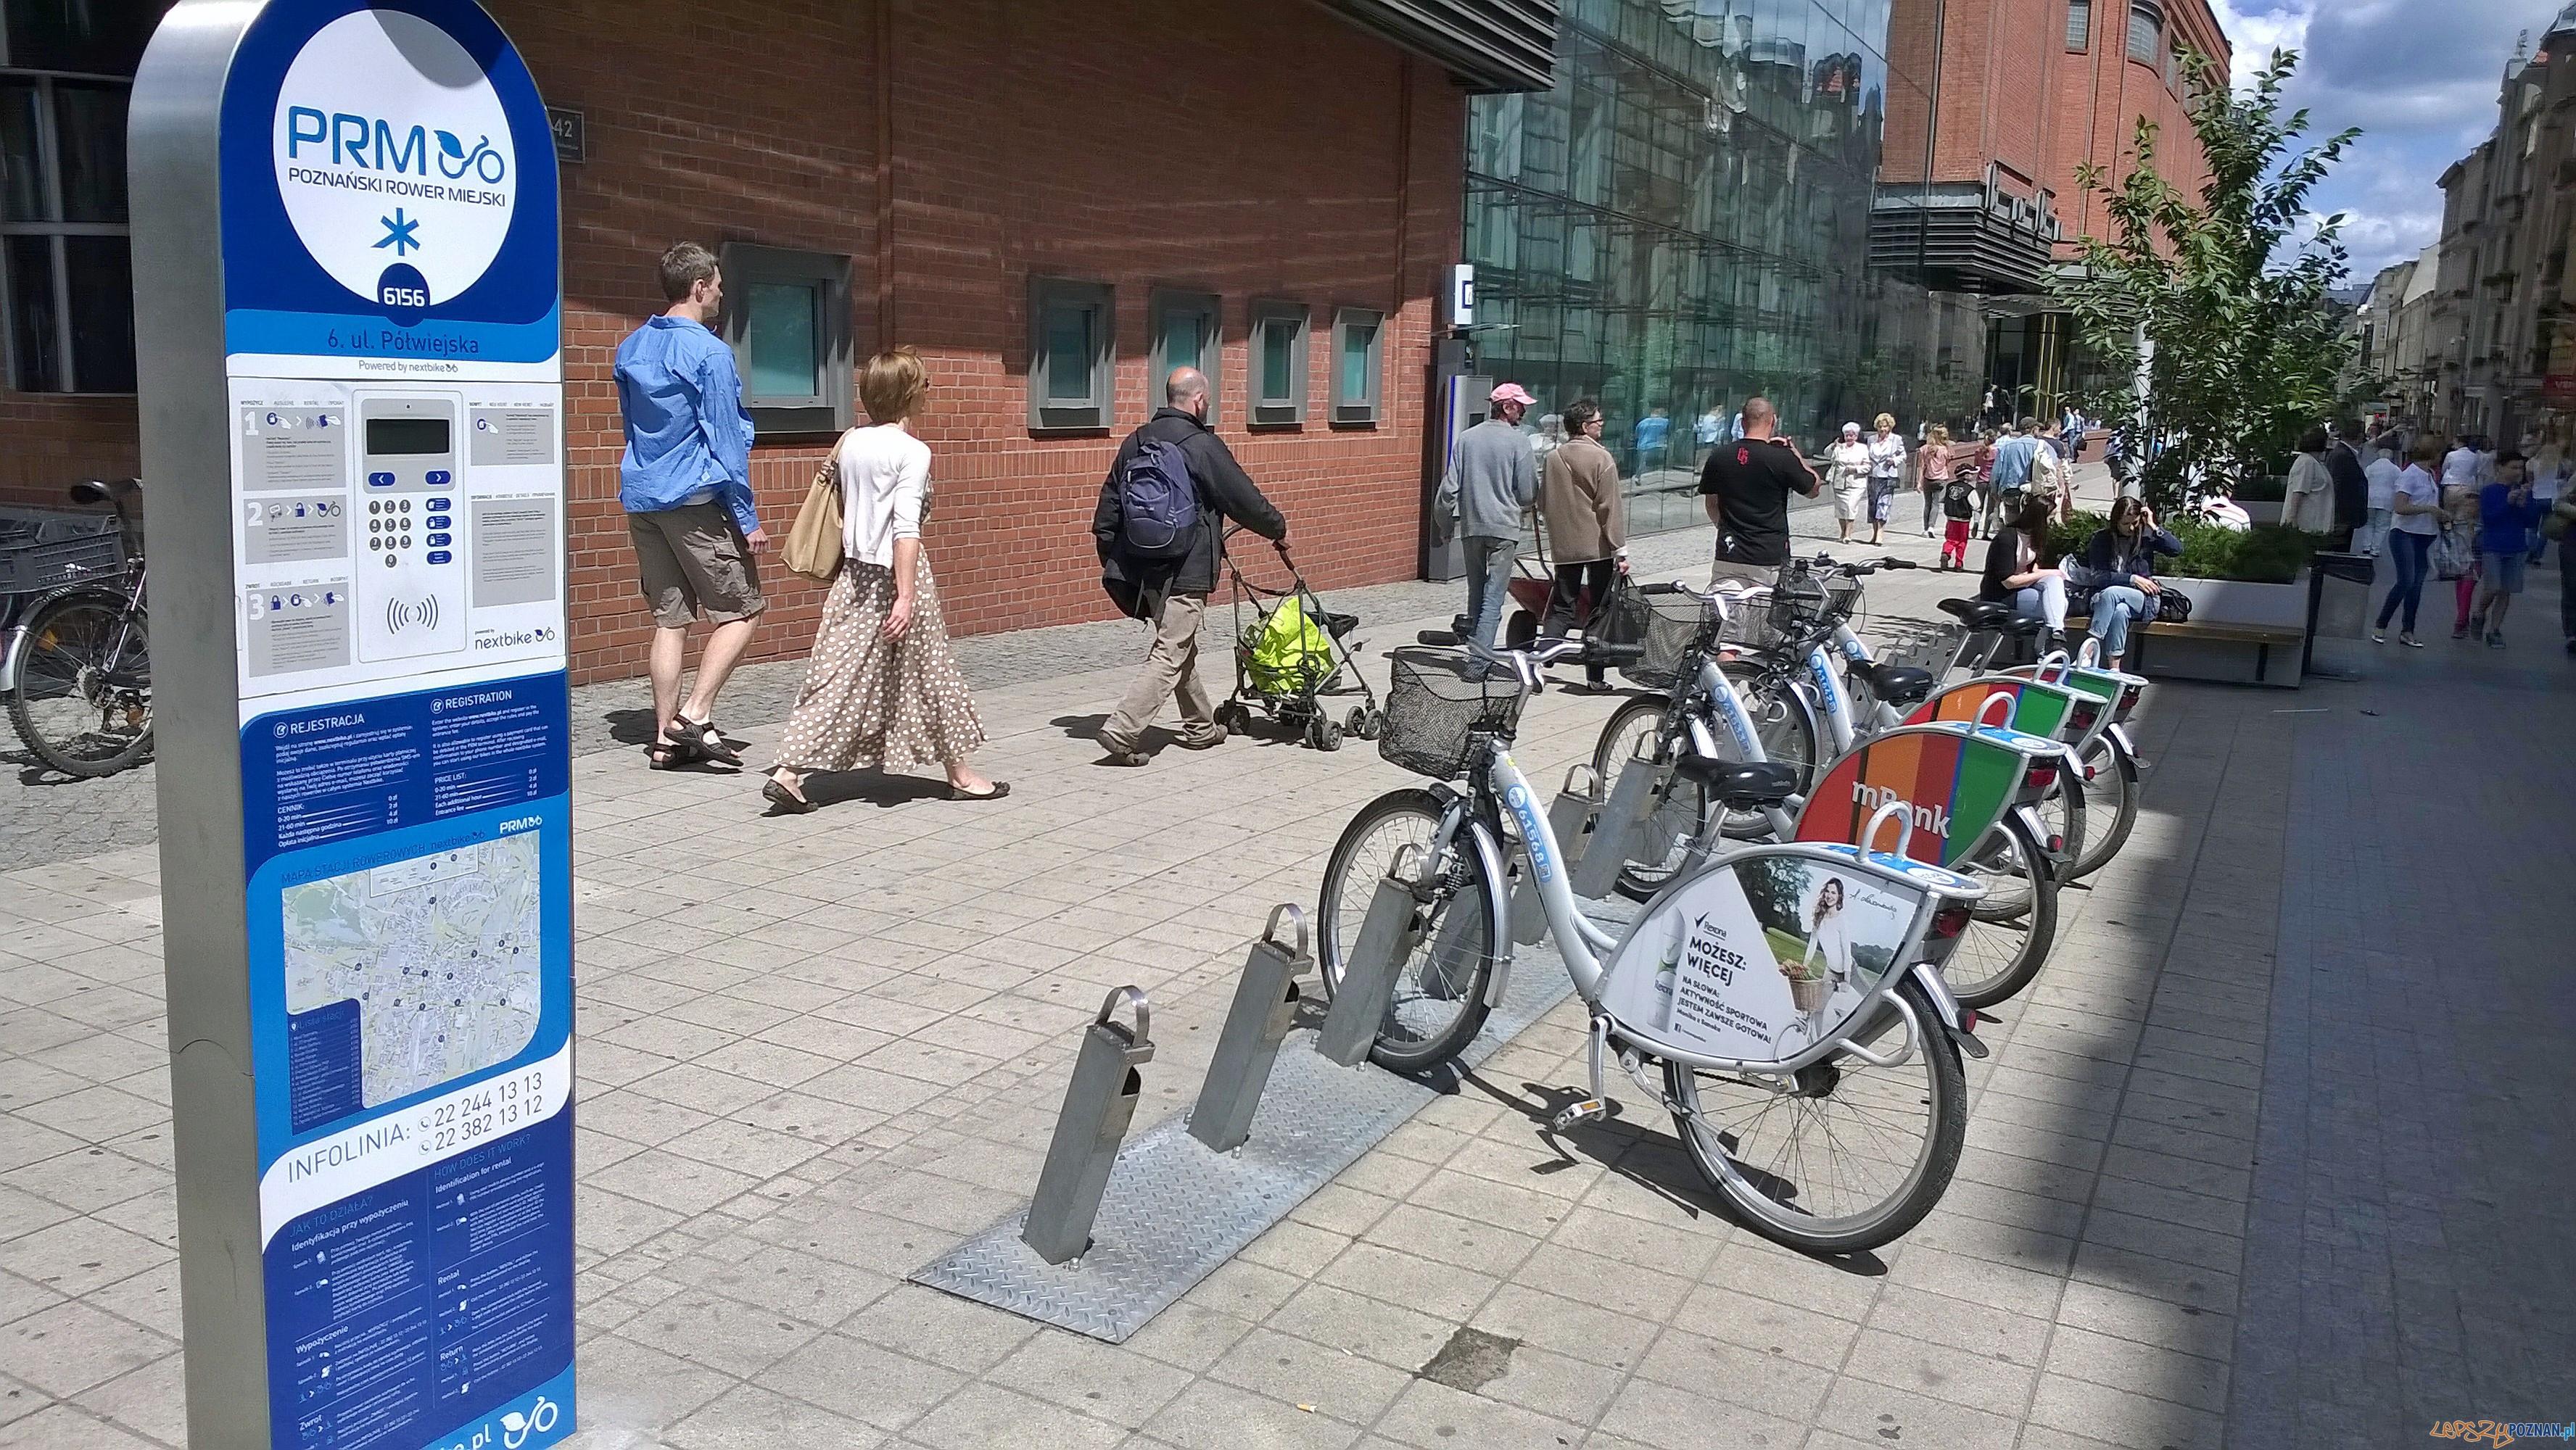 Stacja rowerowa NextBike na Półwiejskiej